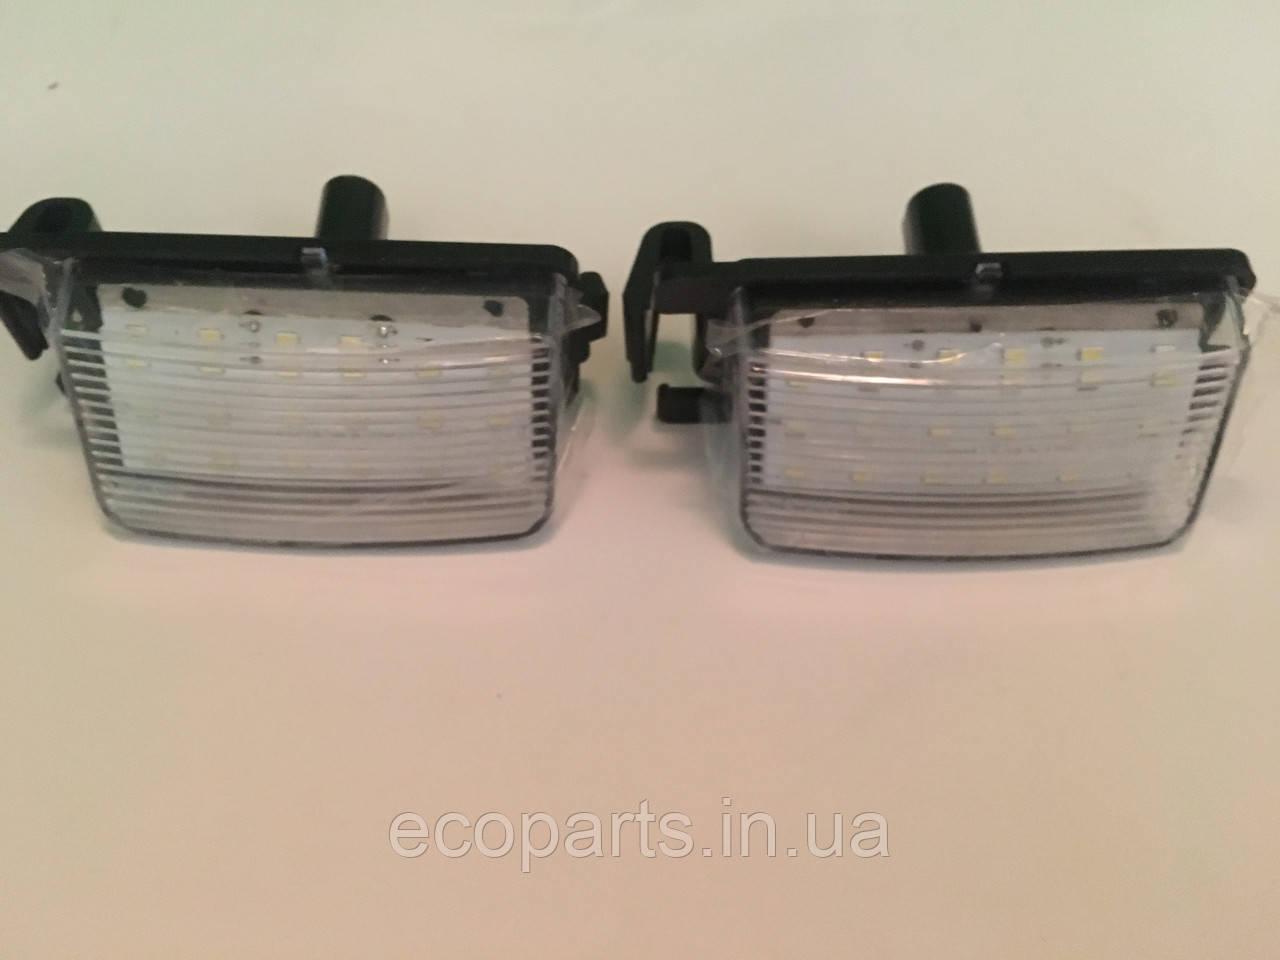 Ліхтар підсвічування заднього номера Nisssan Leaf (LED) комплект із 2 шт